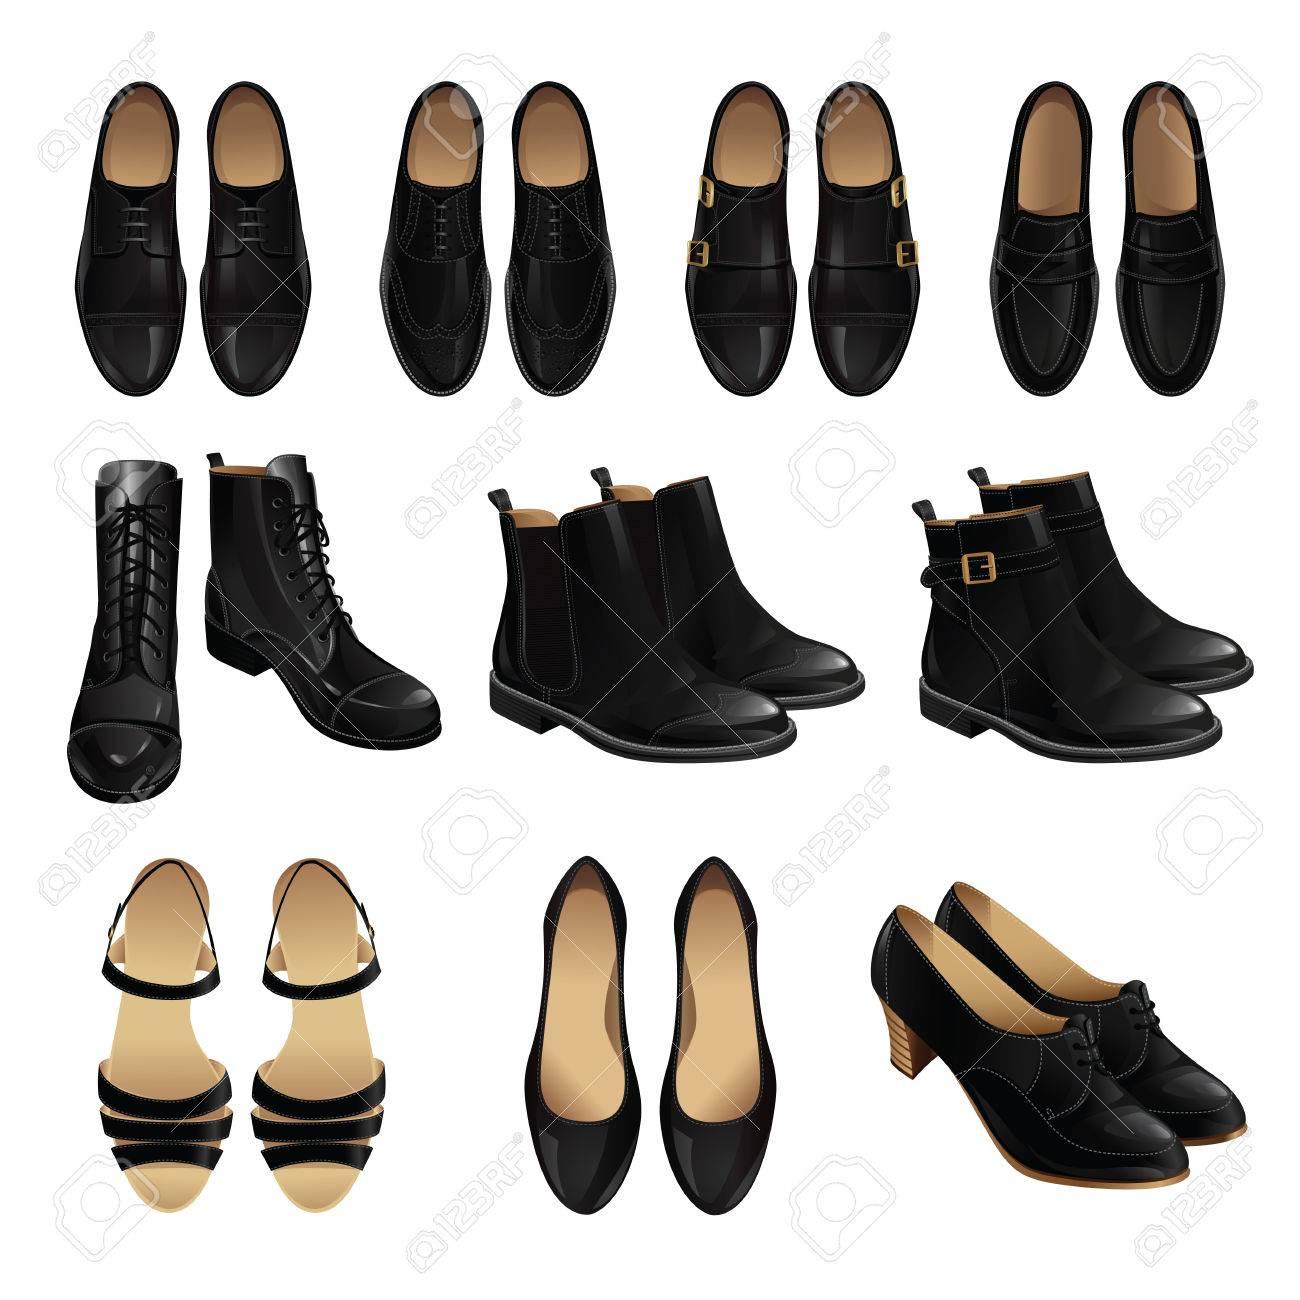 Estilo de zapato clásico. Conjunto de hombre de cuero zapatos negros y zapatos negros de cuero mujer